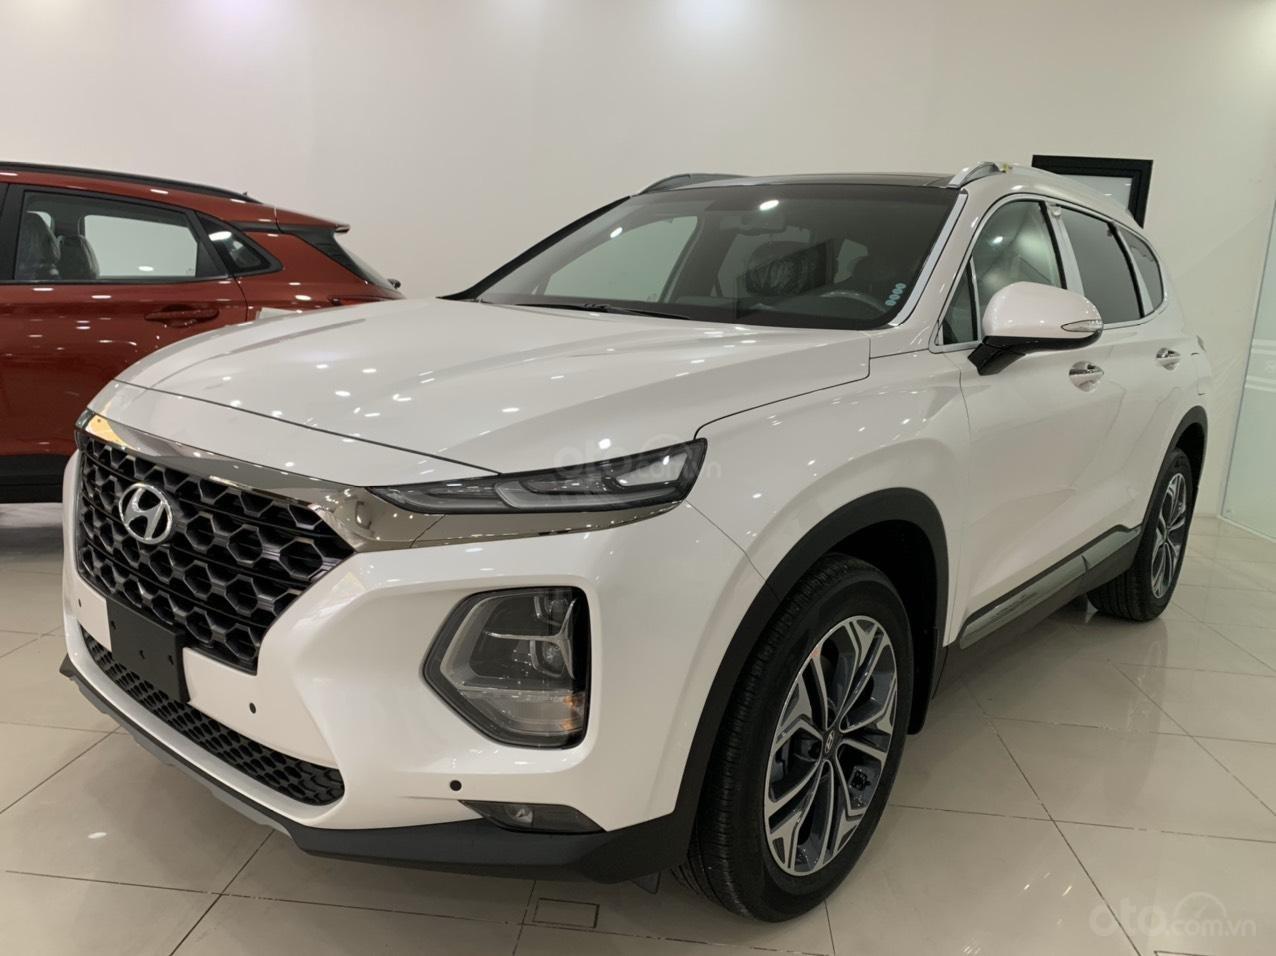 Hyundai Santa Fe 2019 bản Premium máy dầu cao cấp - xe giao ngay - nhiều ưu đãi - 0919929923 (2)